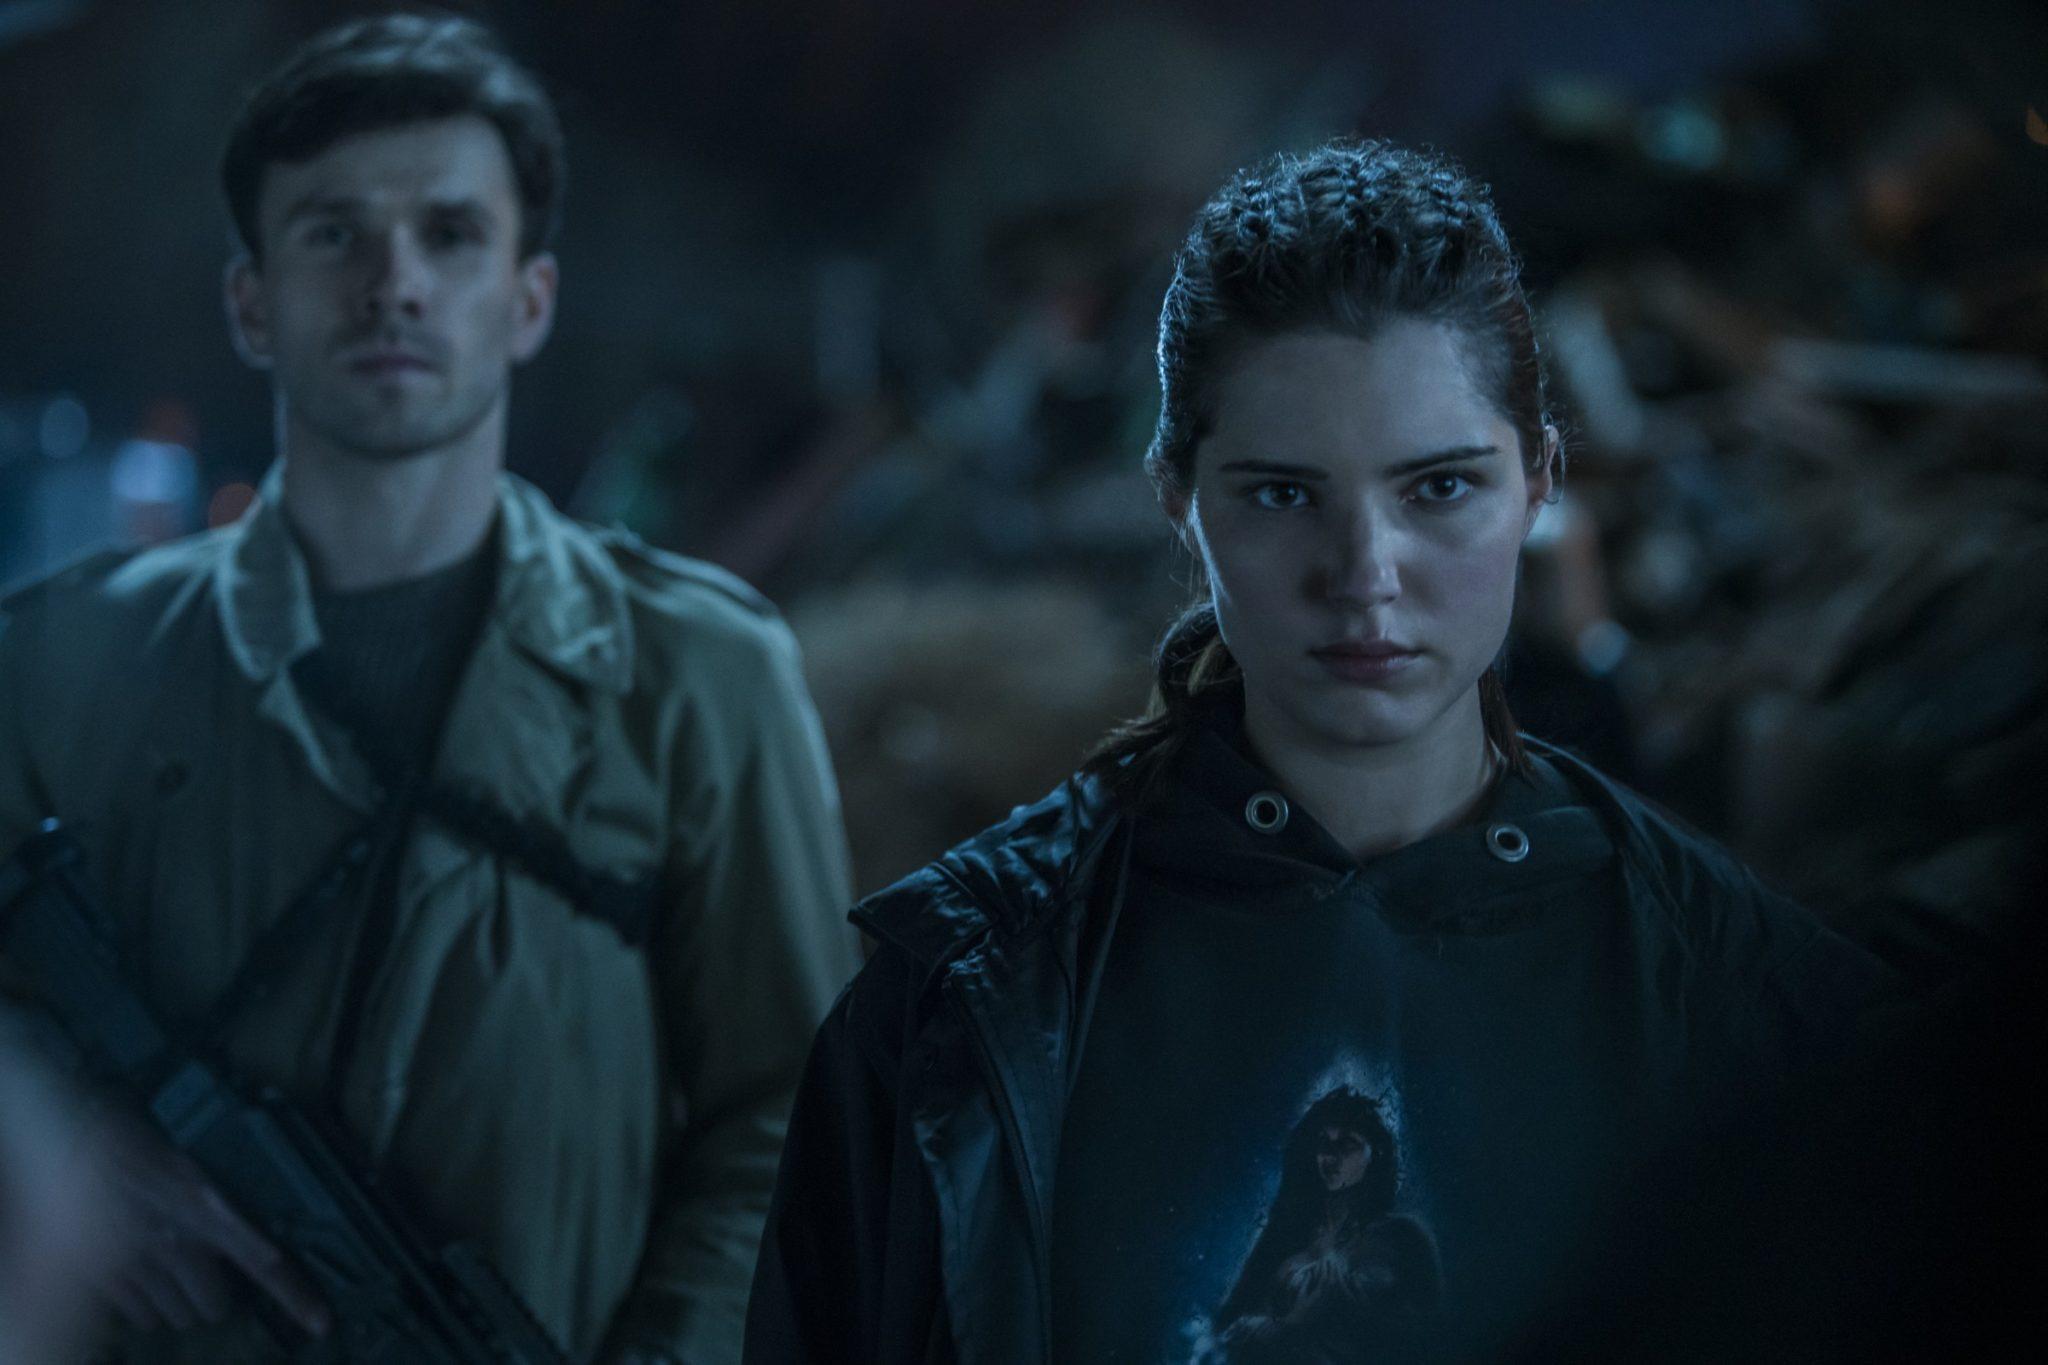 Kobieta i mężczyzna stojący w ciemności